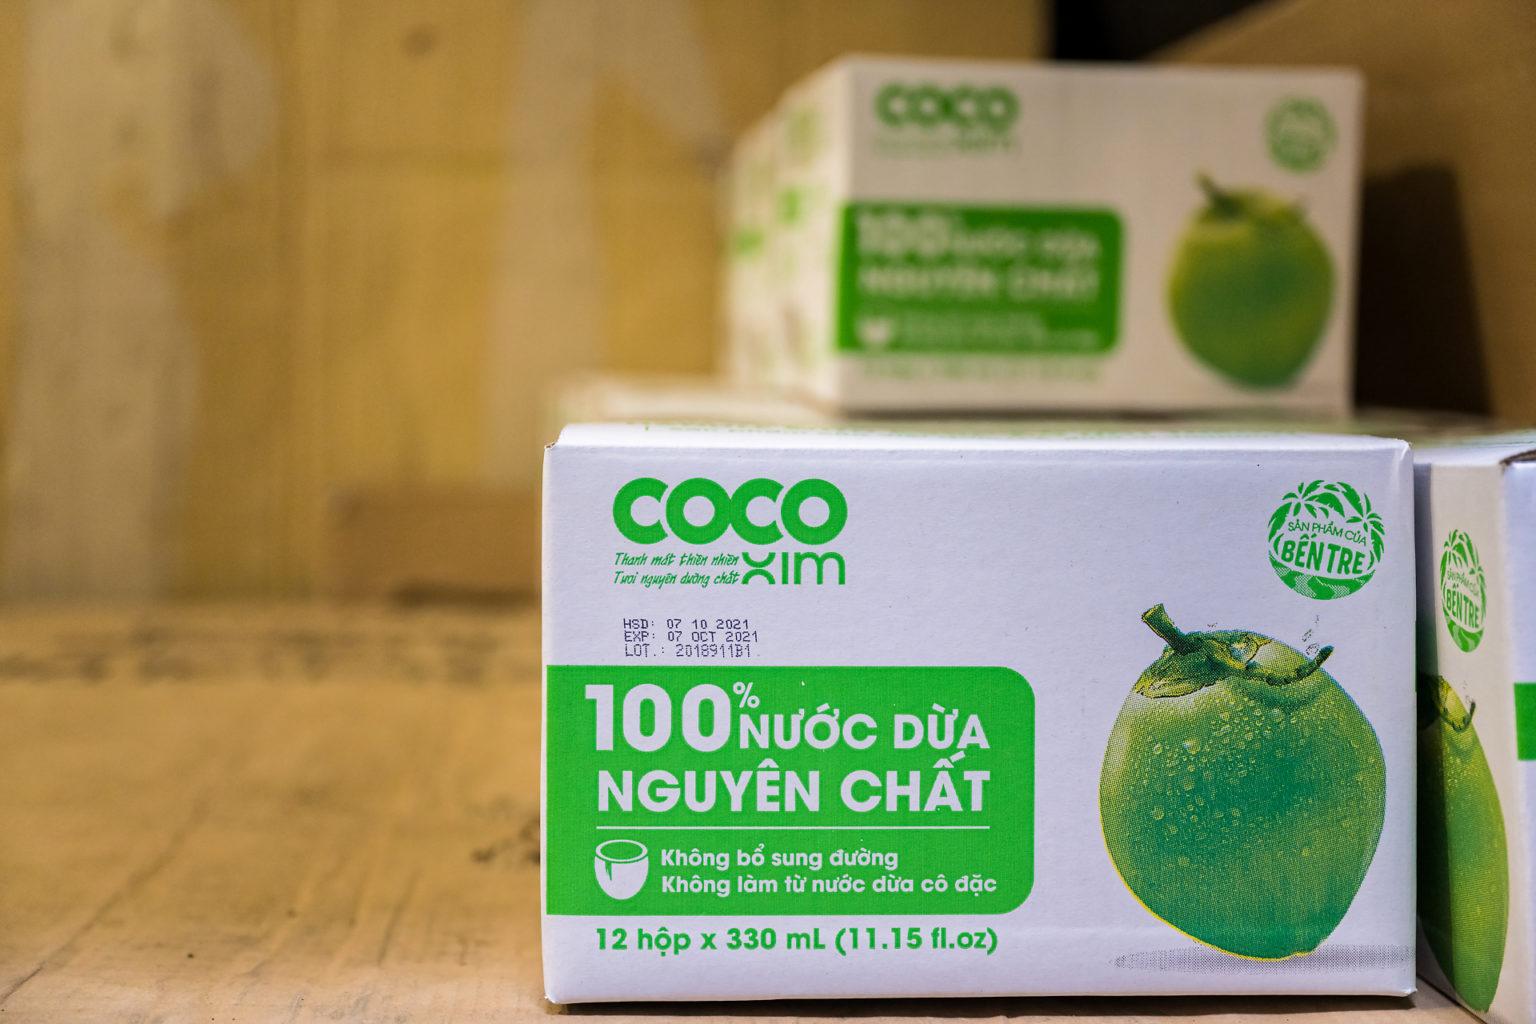 Cocoxim, le lait de coco importé par South Export Alliance